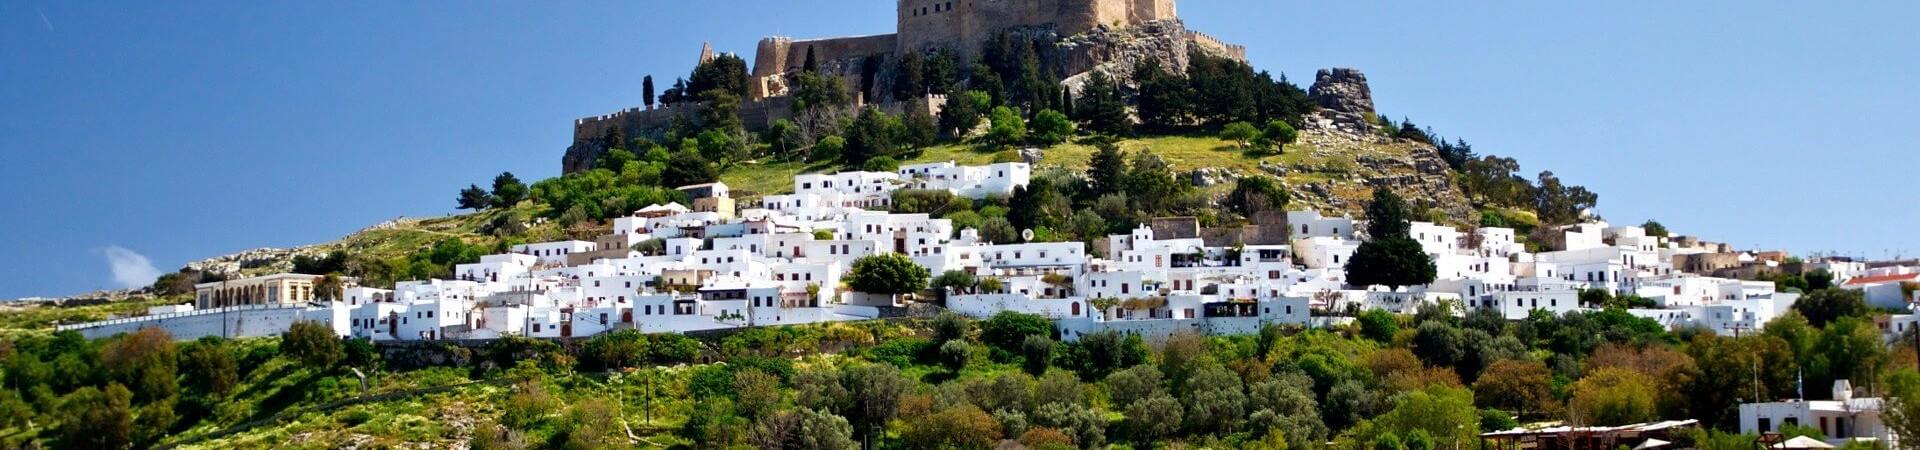 Lindos grecka wyspa